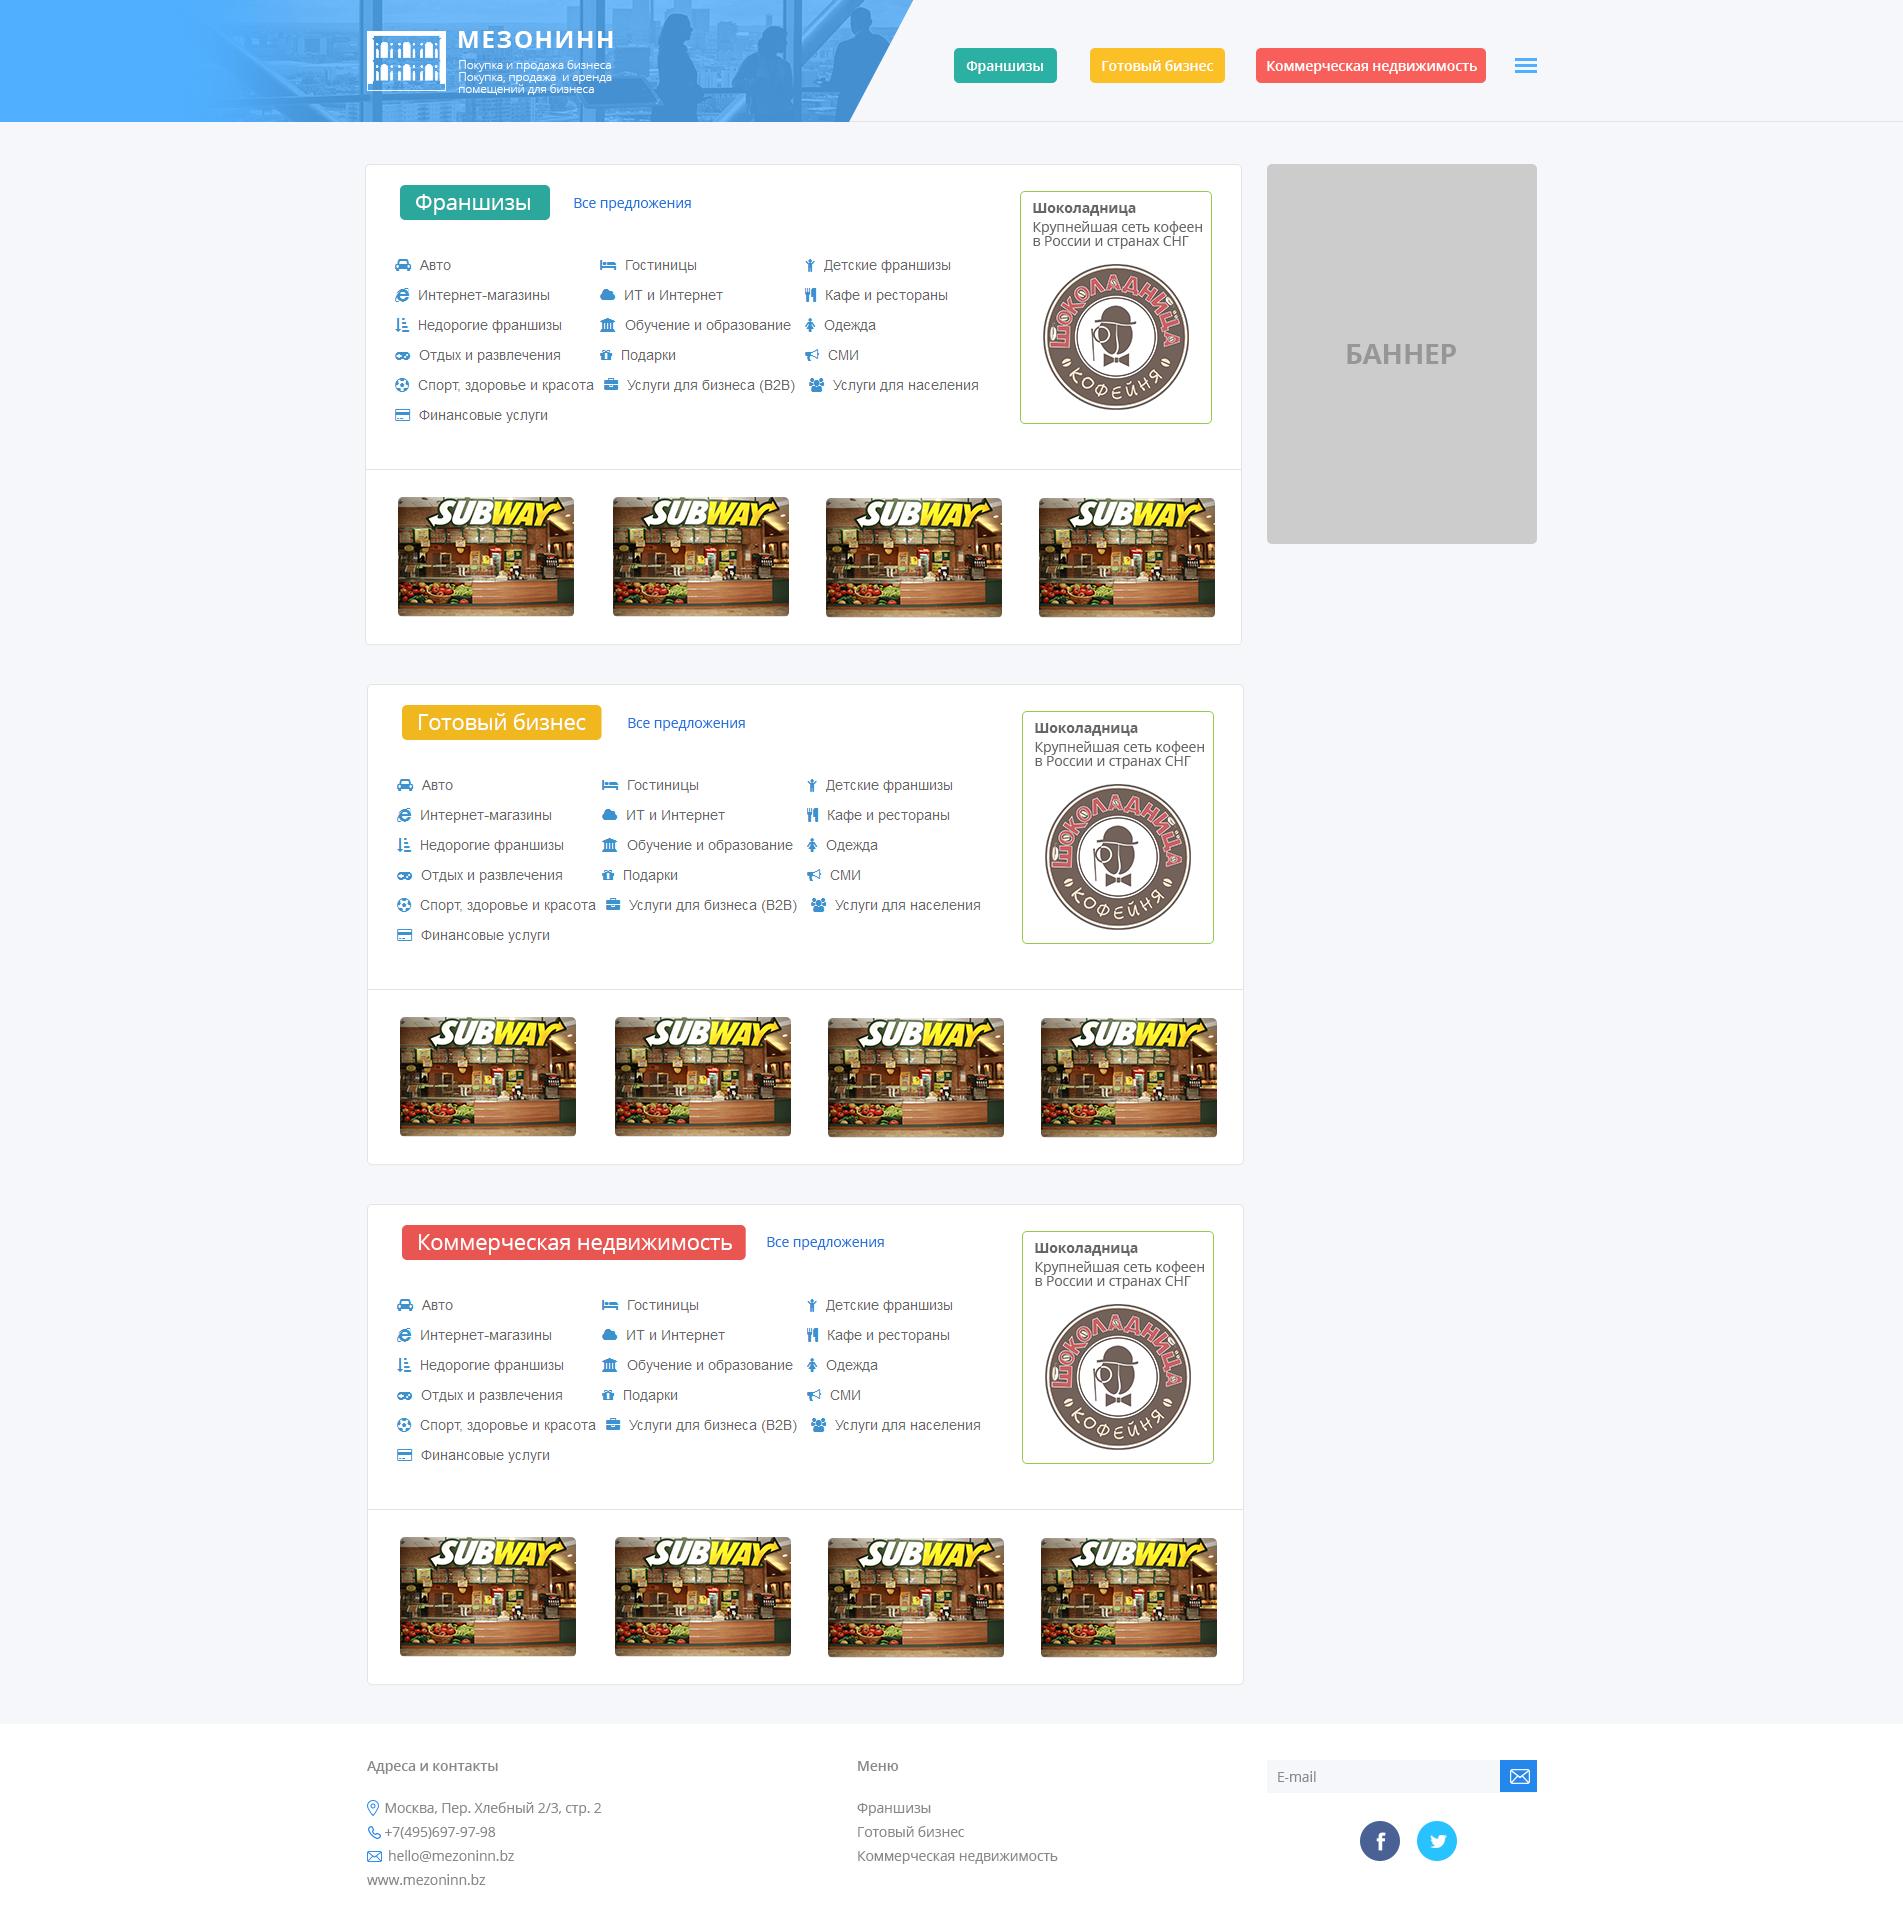 Доработать дизайн главной страницы сайта фото f_098574d6901ebc20.png